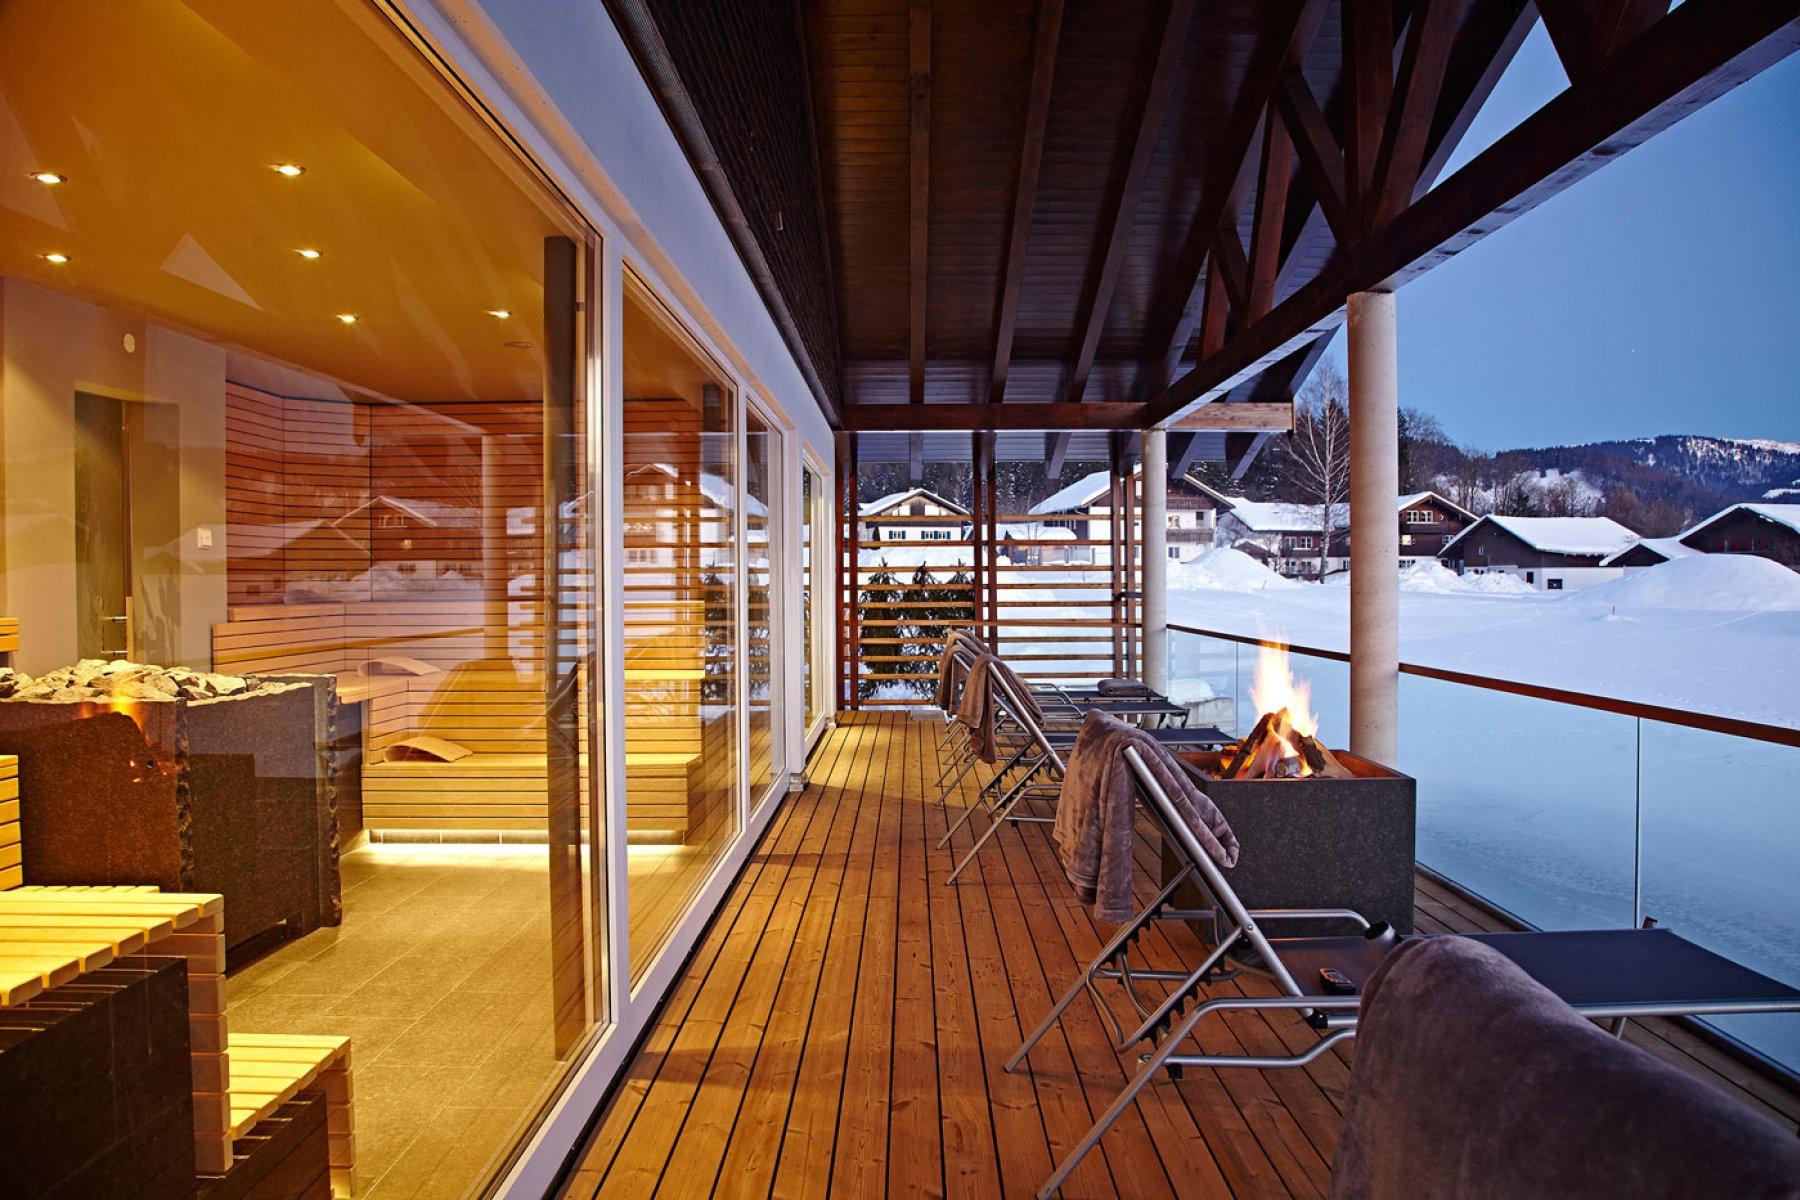 Wellness bei Kaminfeuer mit Ausblick auf den gefrorenen Natursee in Oberstaufen im Allgäu.